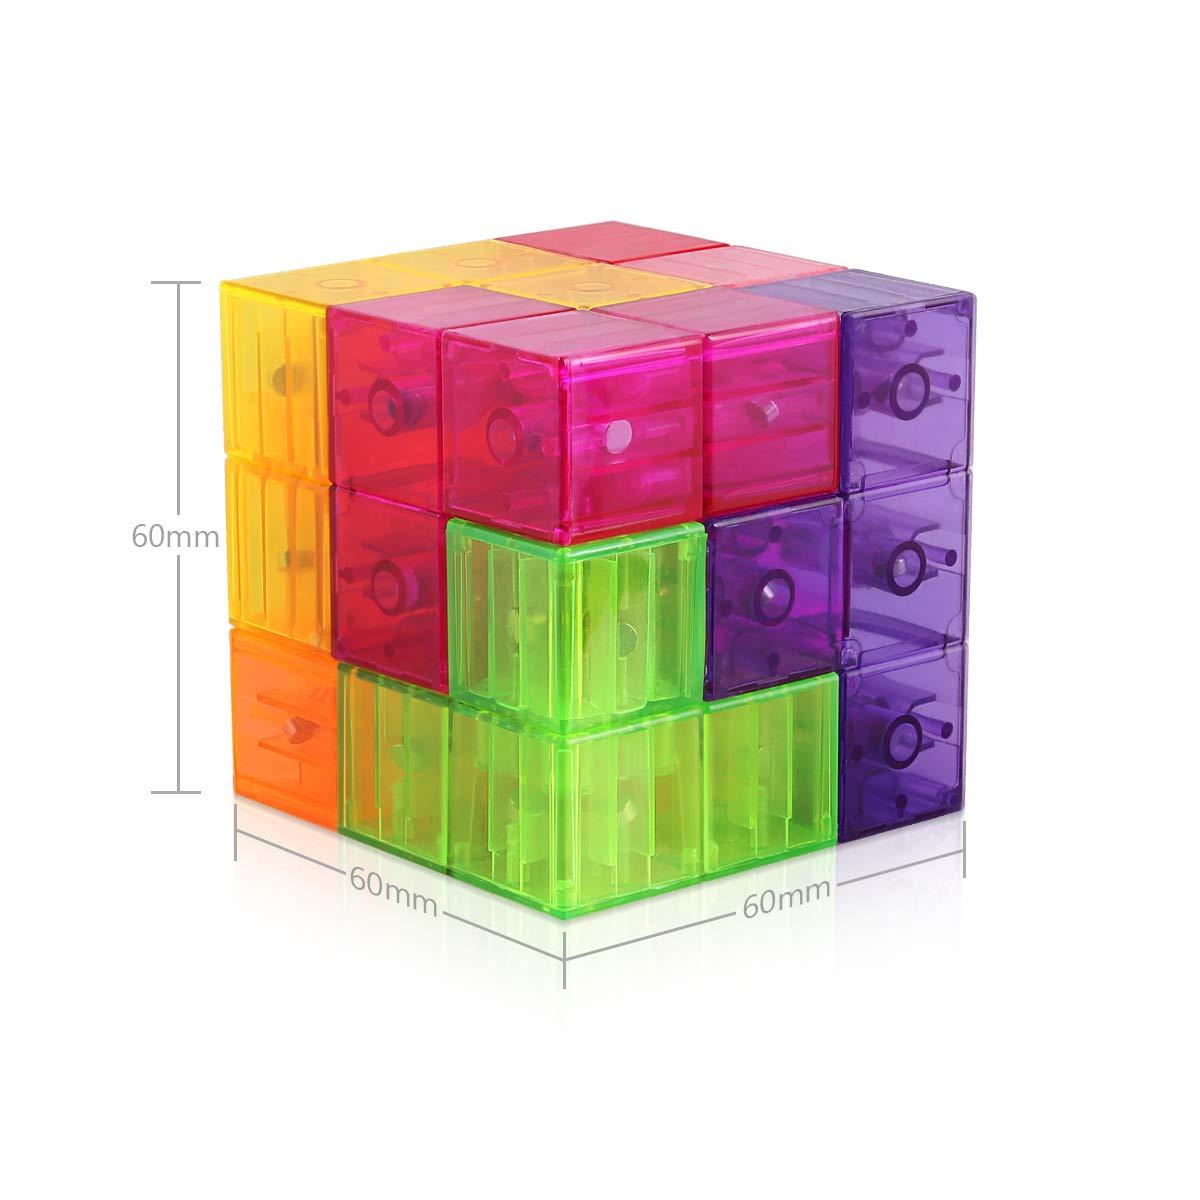 D-FantiX Magnetic Building Blocks Tetris Puzzle Cube 7pcs/Set Square 3D Brain Teaser Puzzle Magnetic Tiles Stress Relief Toy Games for Kids ( Cube Size 2.36in) by D-FantiX (Image #8)